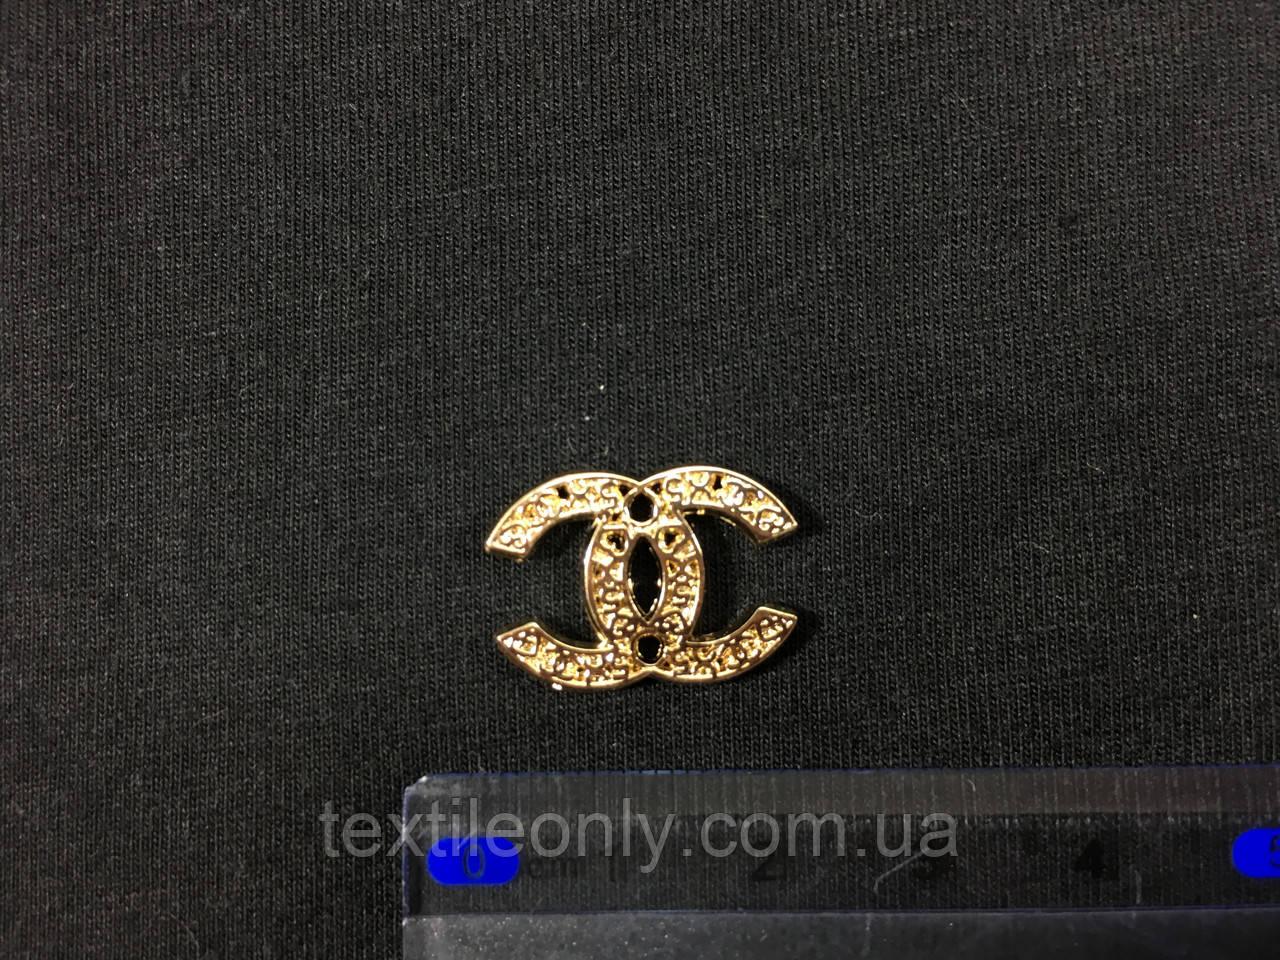 Пришивная металлическая эмблема Chanel